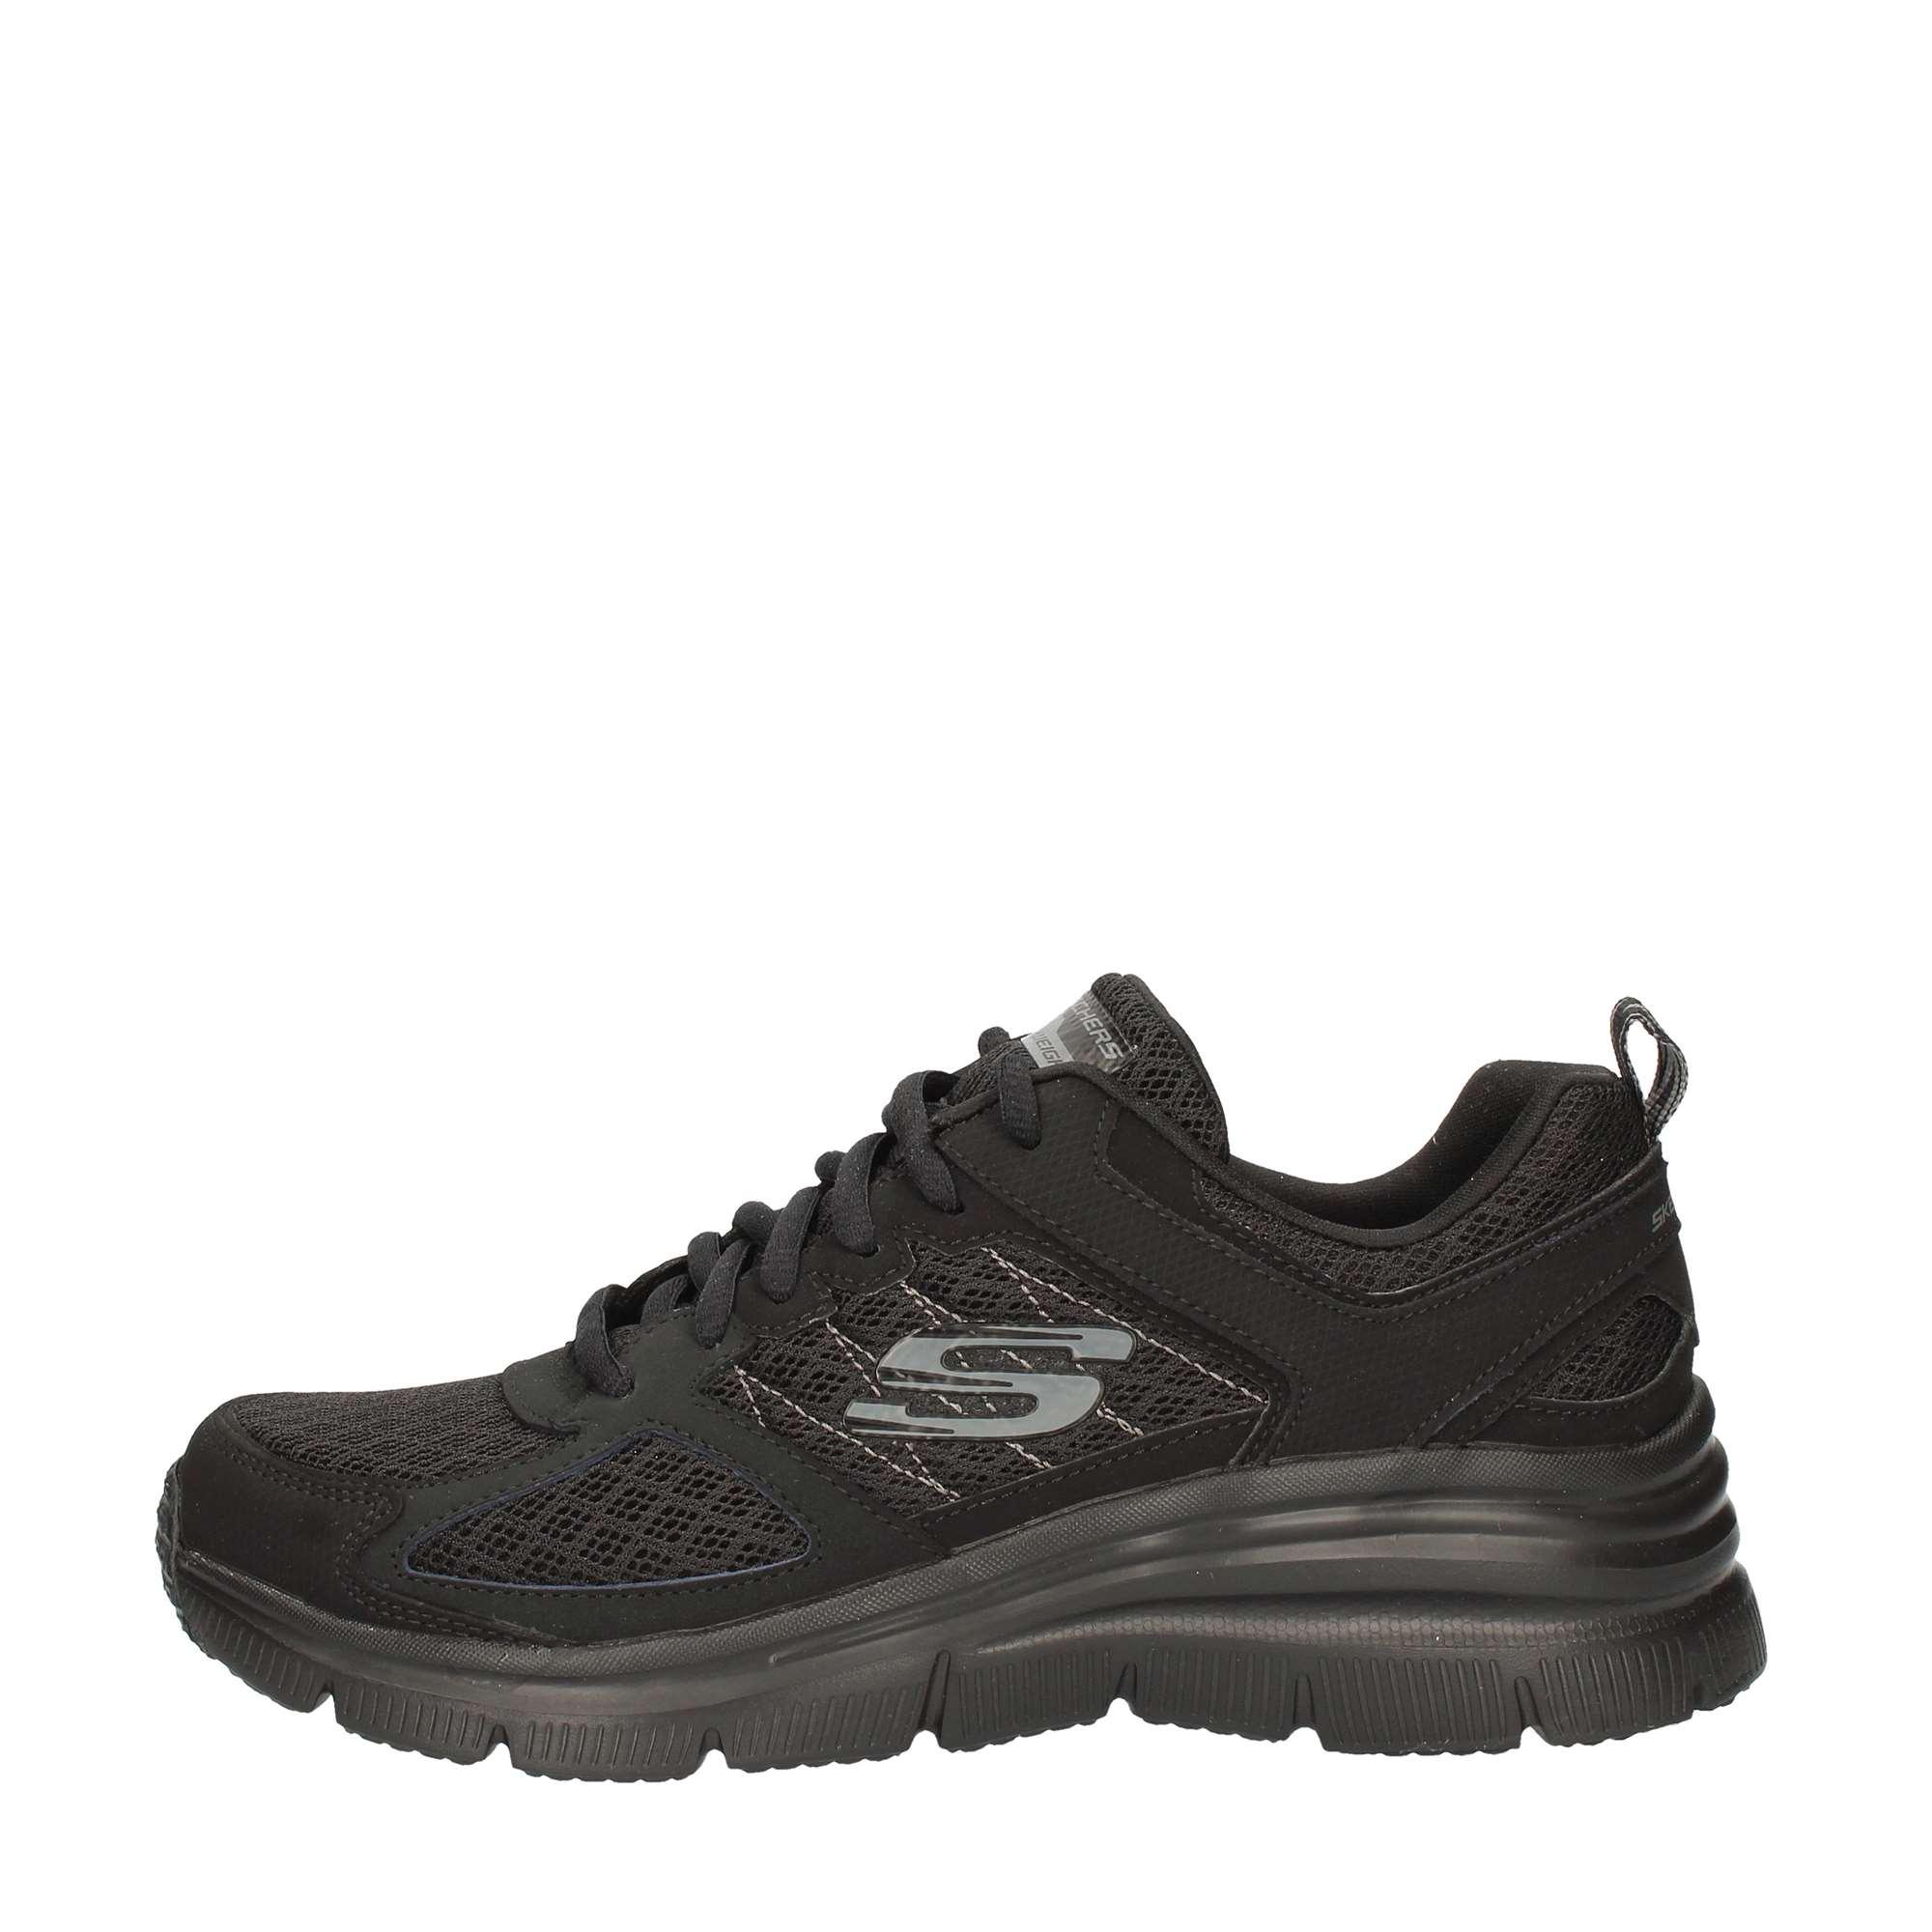 Skechers Sneakers Donna 15103 | Acquista ora su Sorrentino